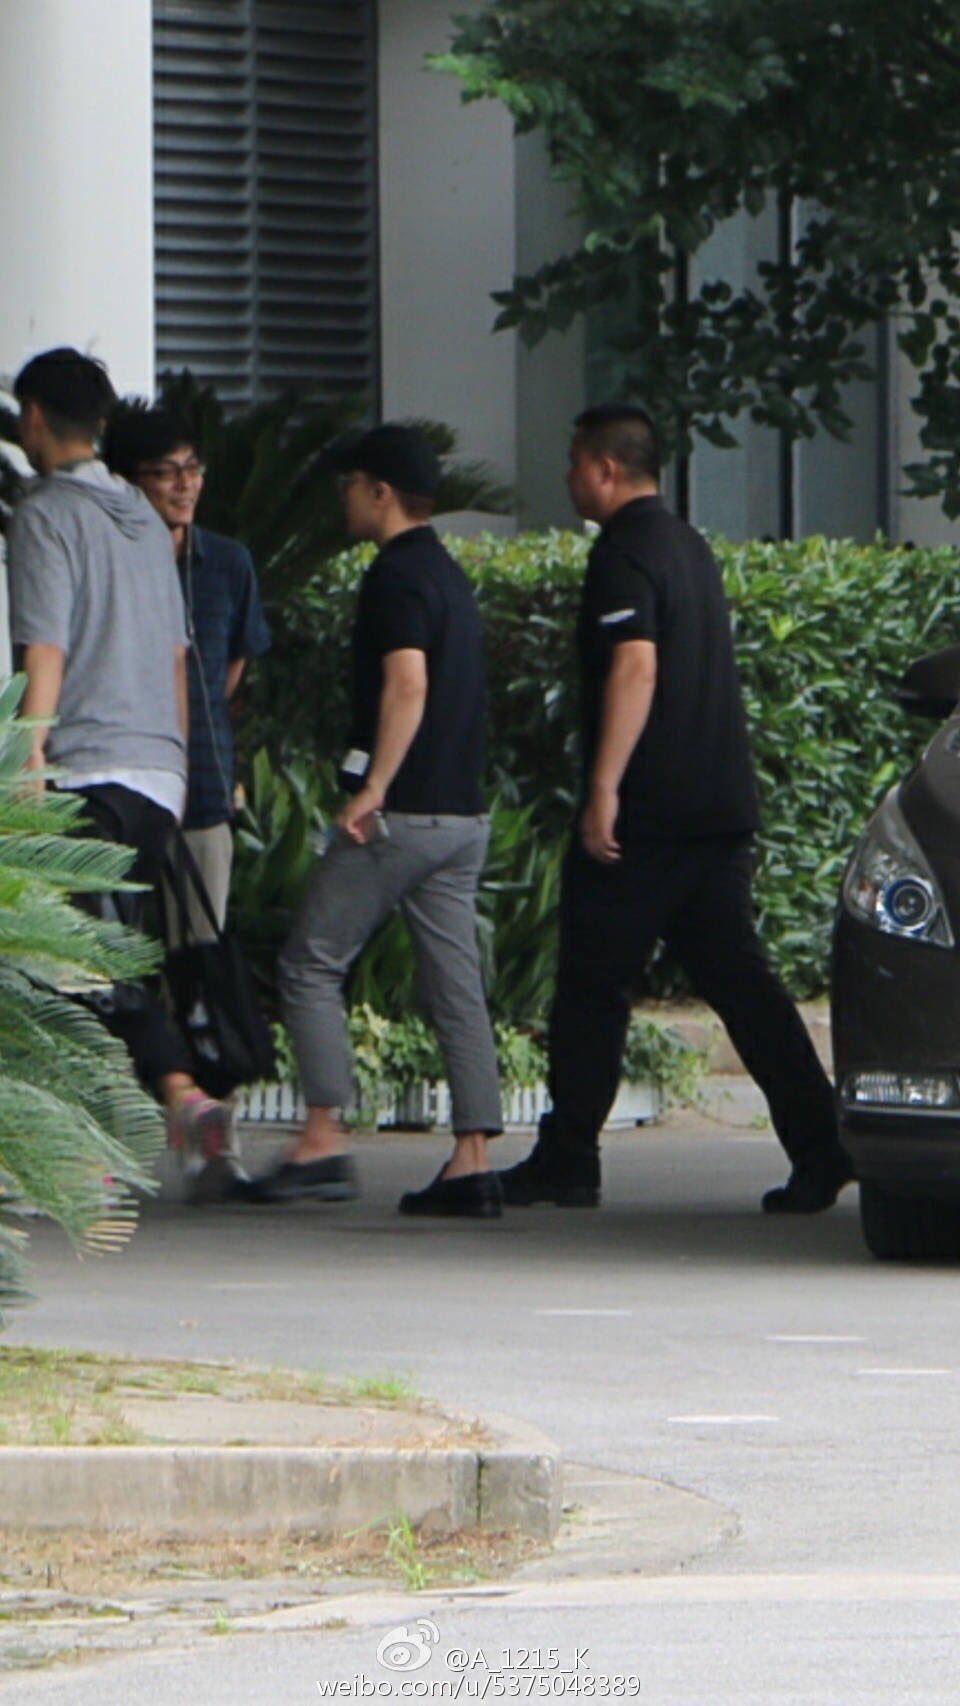 Seungri Arrival Guangzhou 2016-07-07 (2)